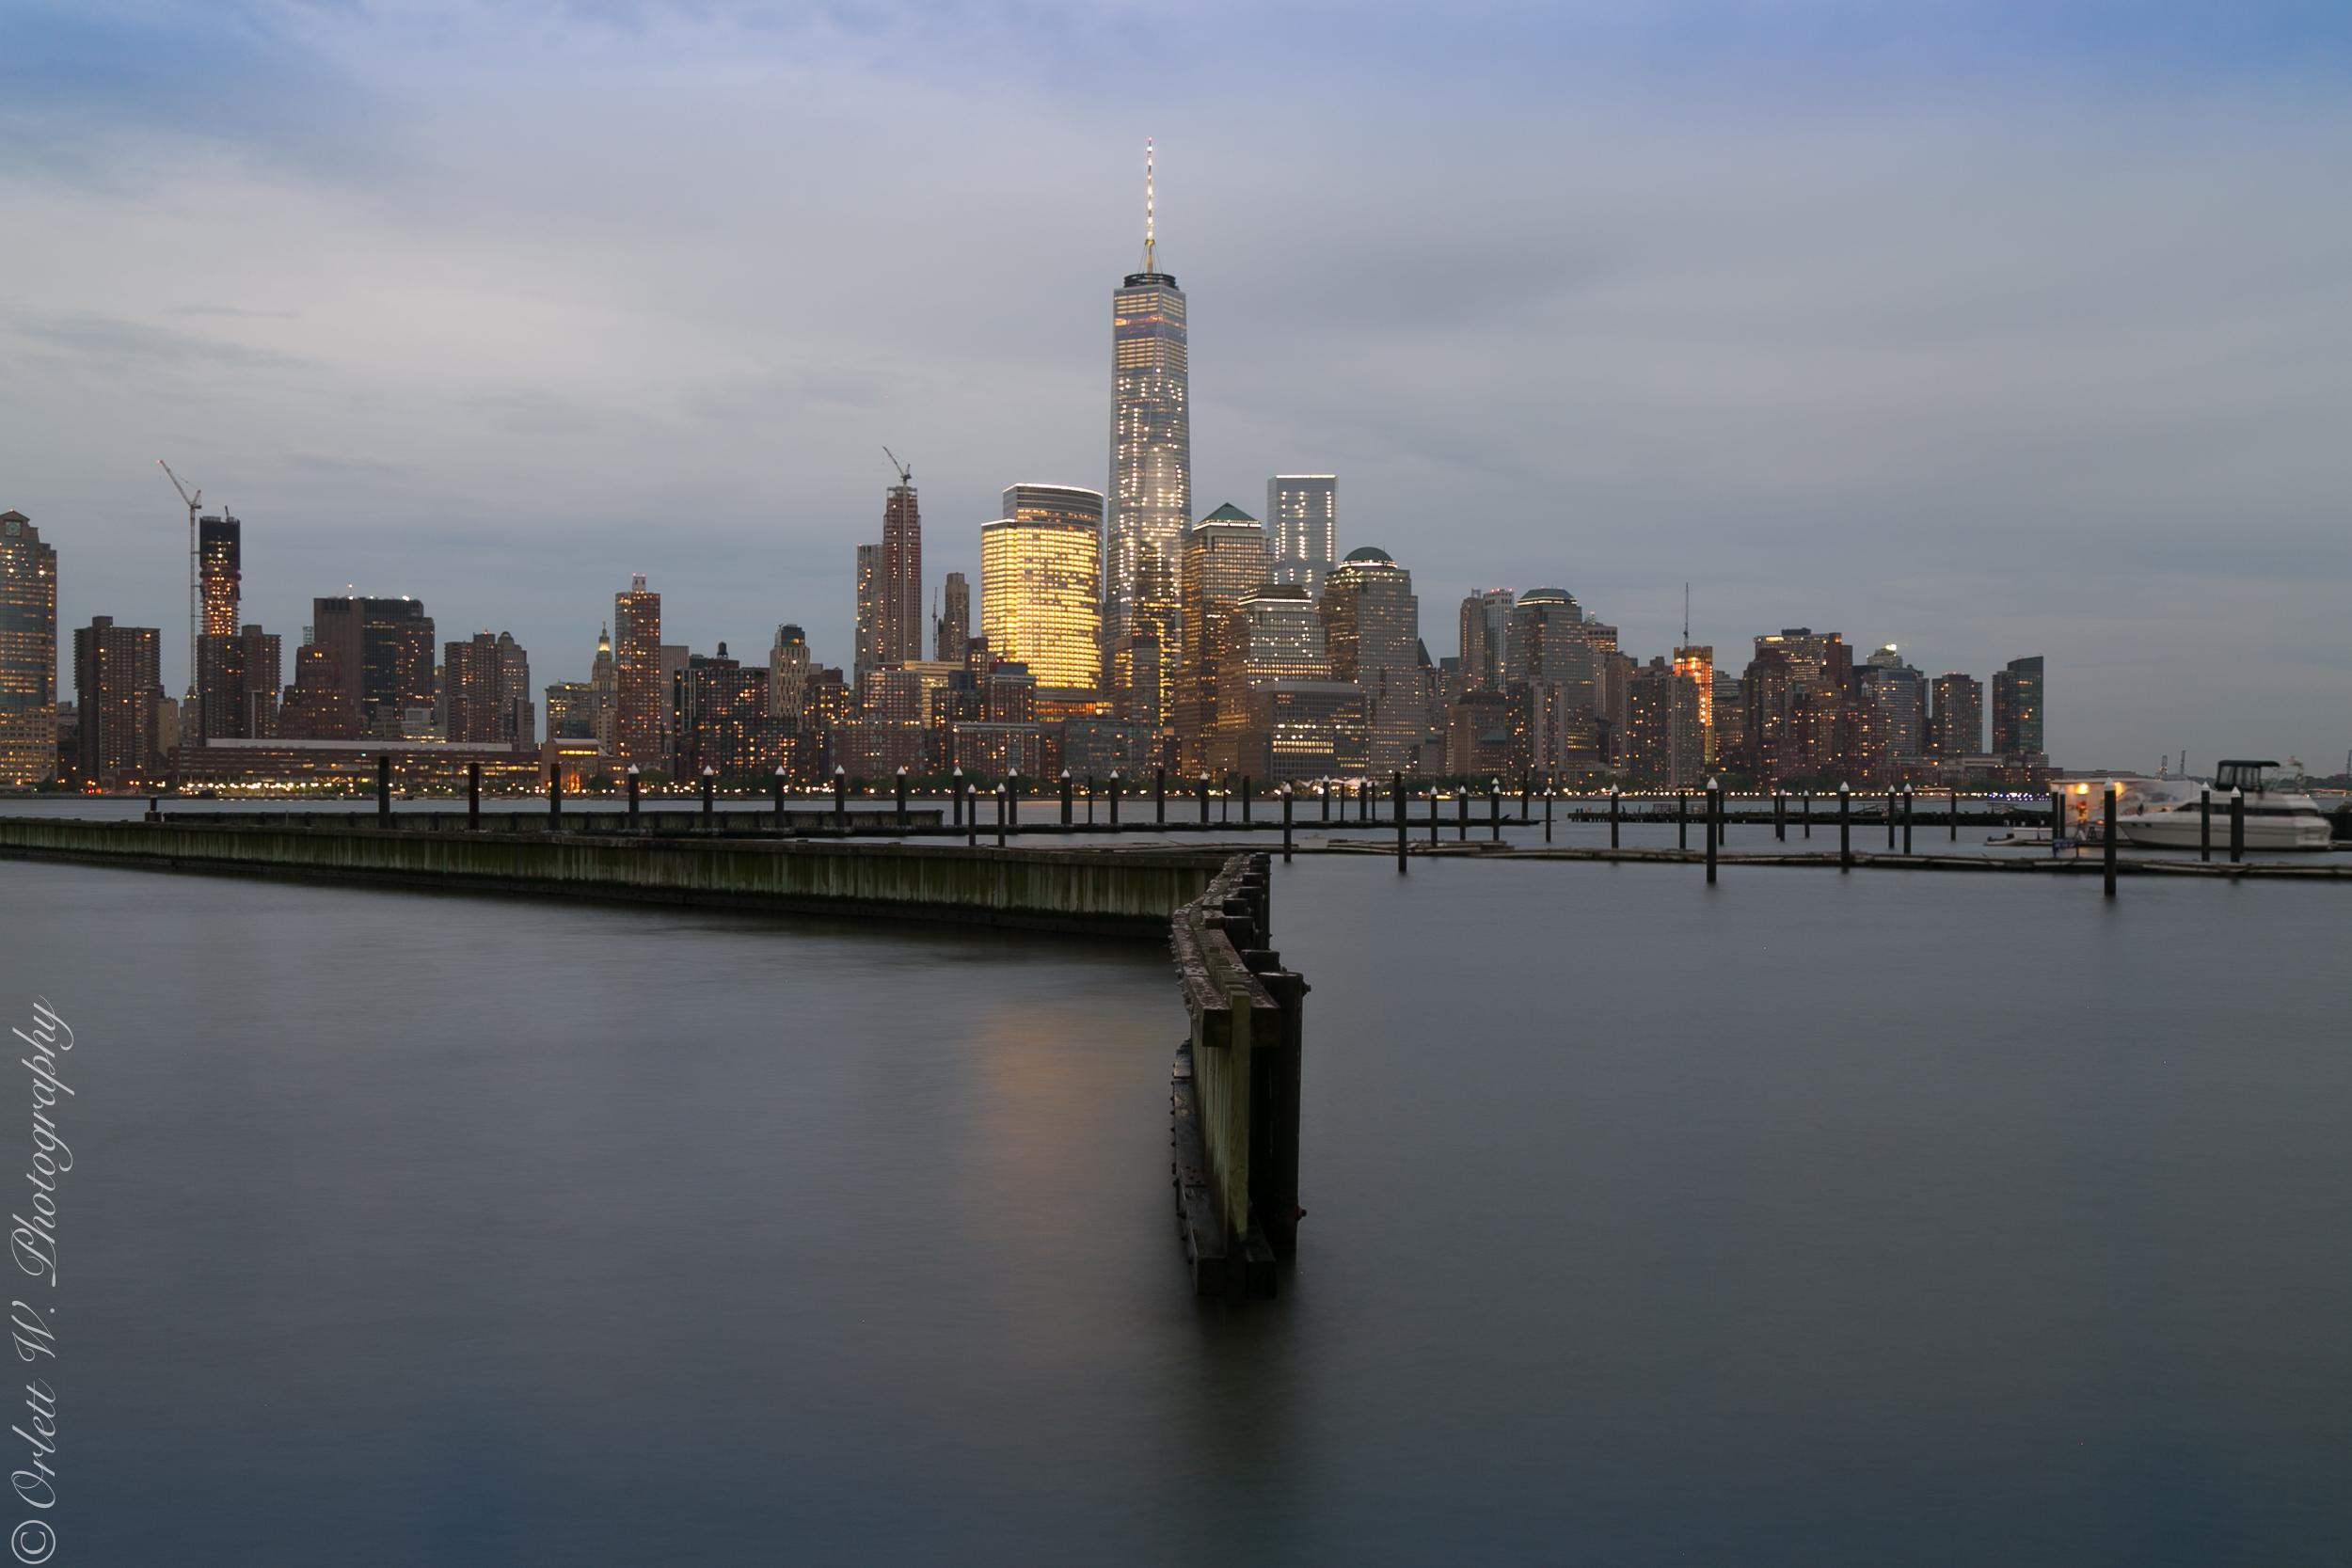 Newport_Hoboken-1_wm.jpg